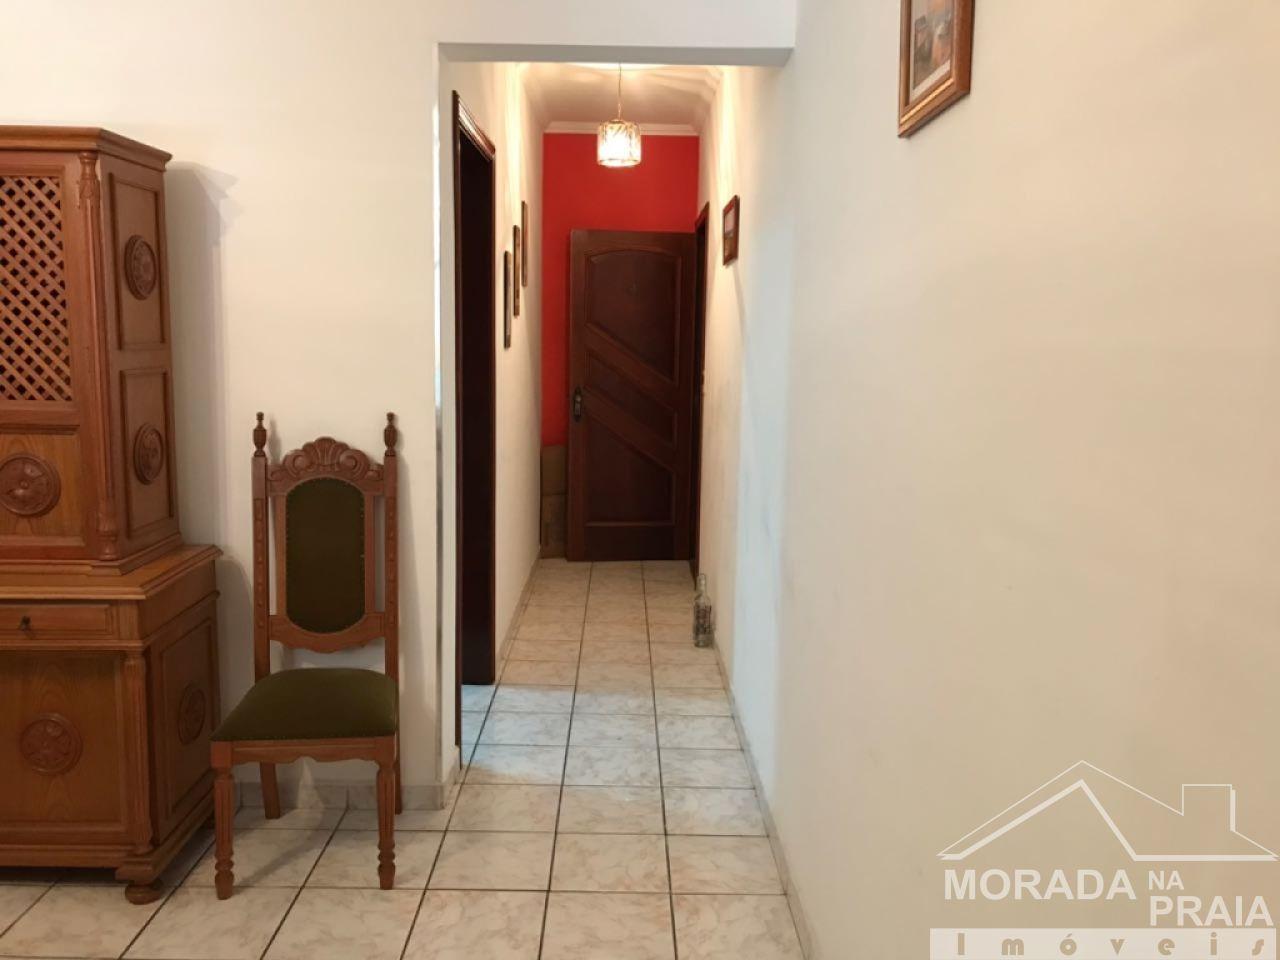 Corredor de entrada vista de d do apartamento com 2 dormitórios em CANTO DO FORTE - PRAIA GRANDE